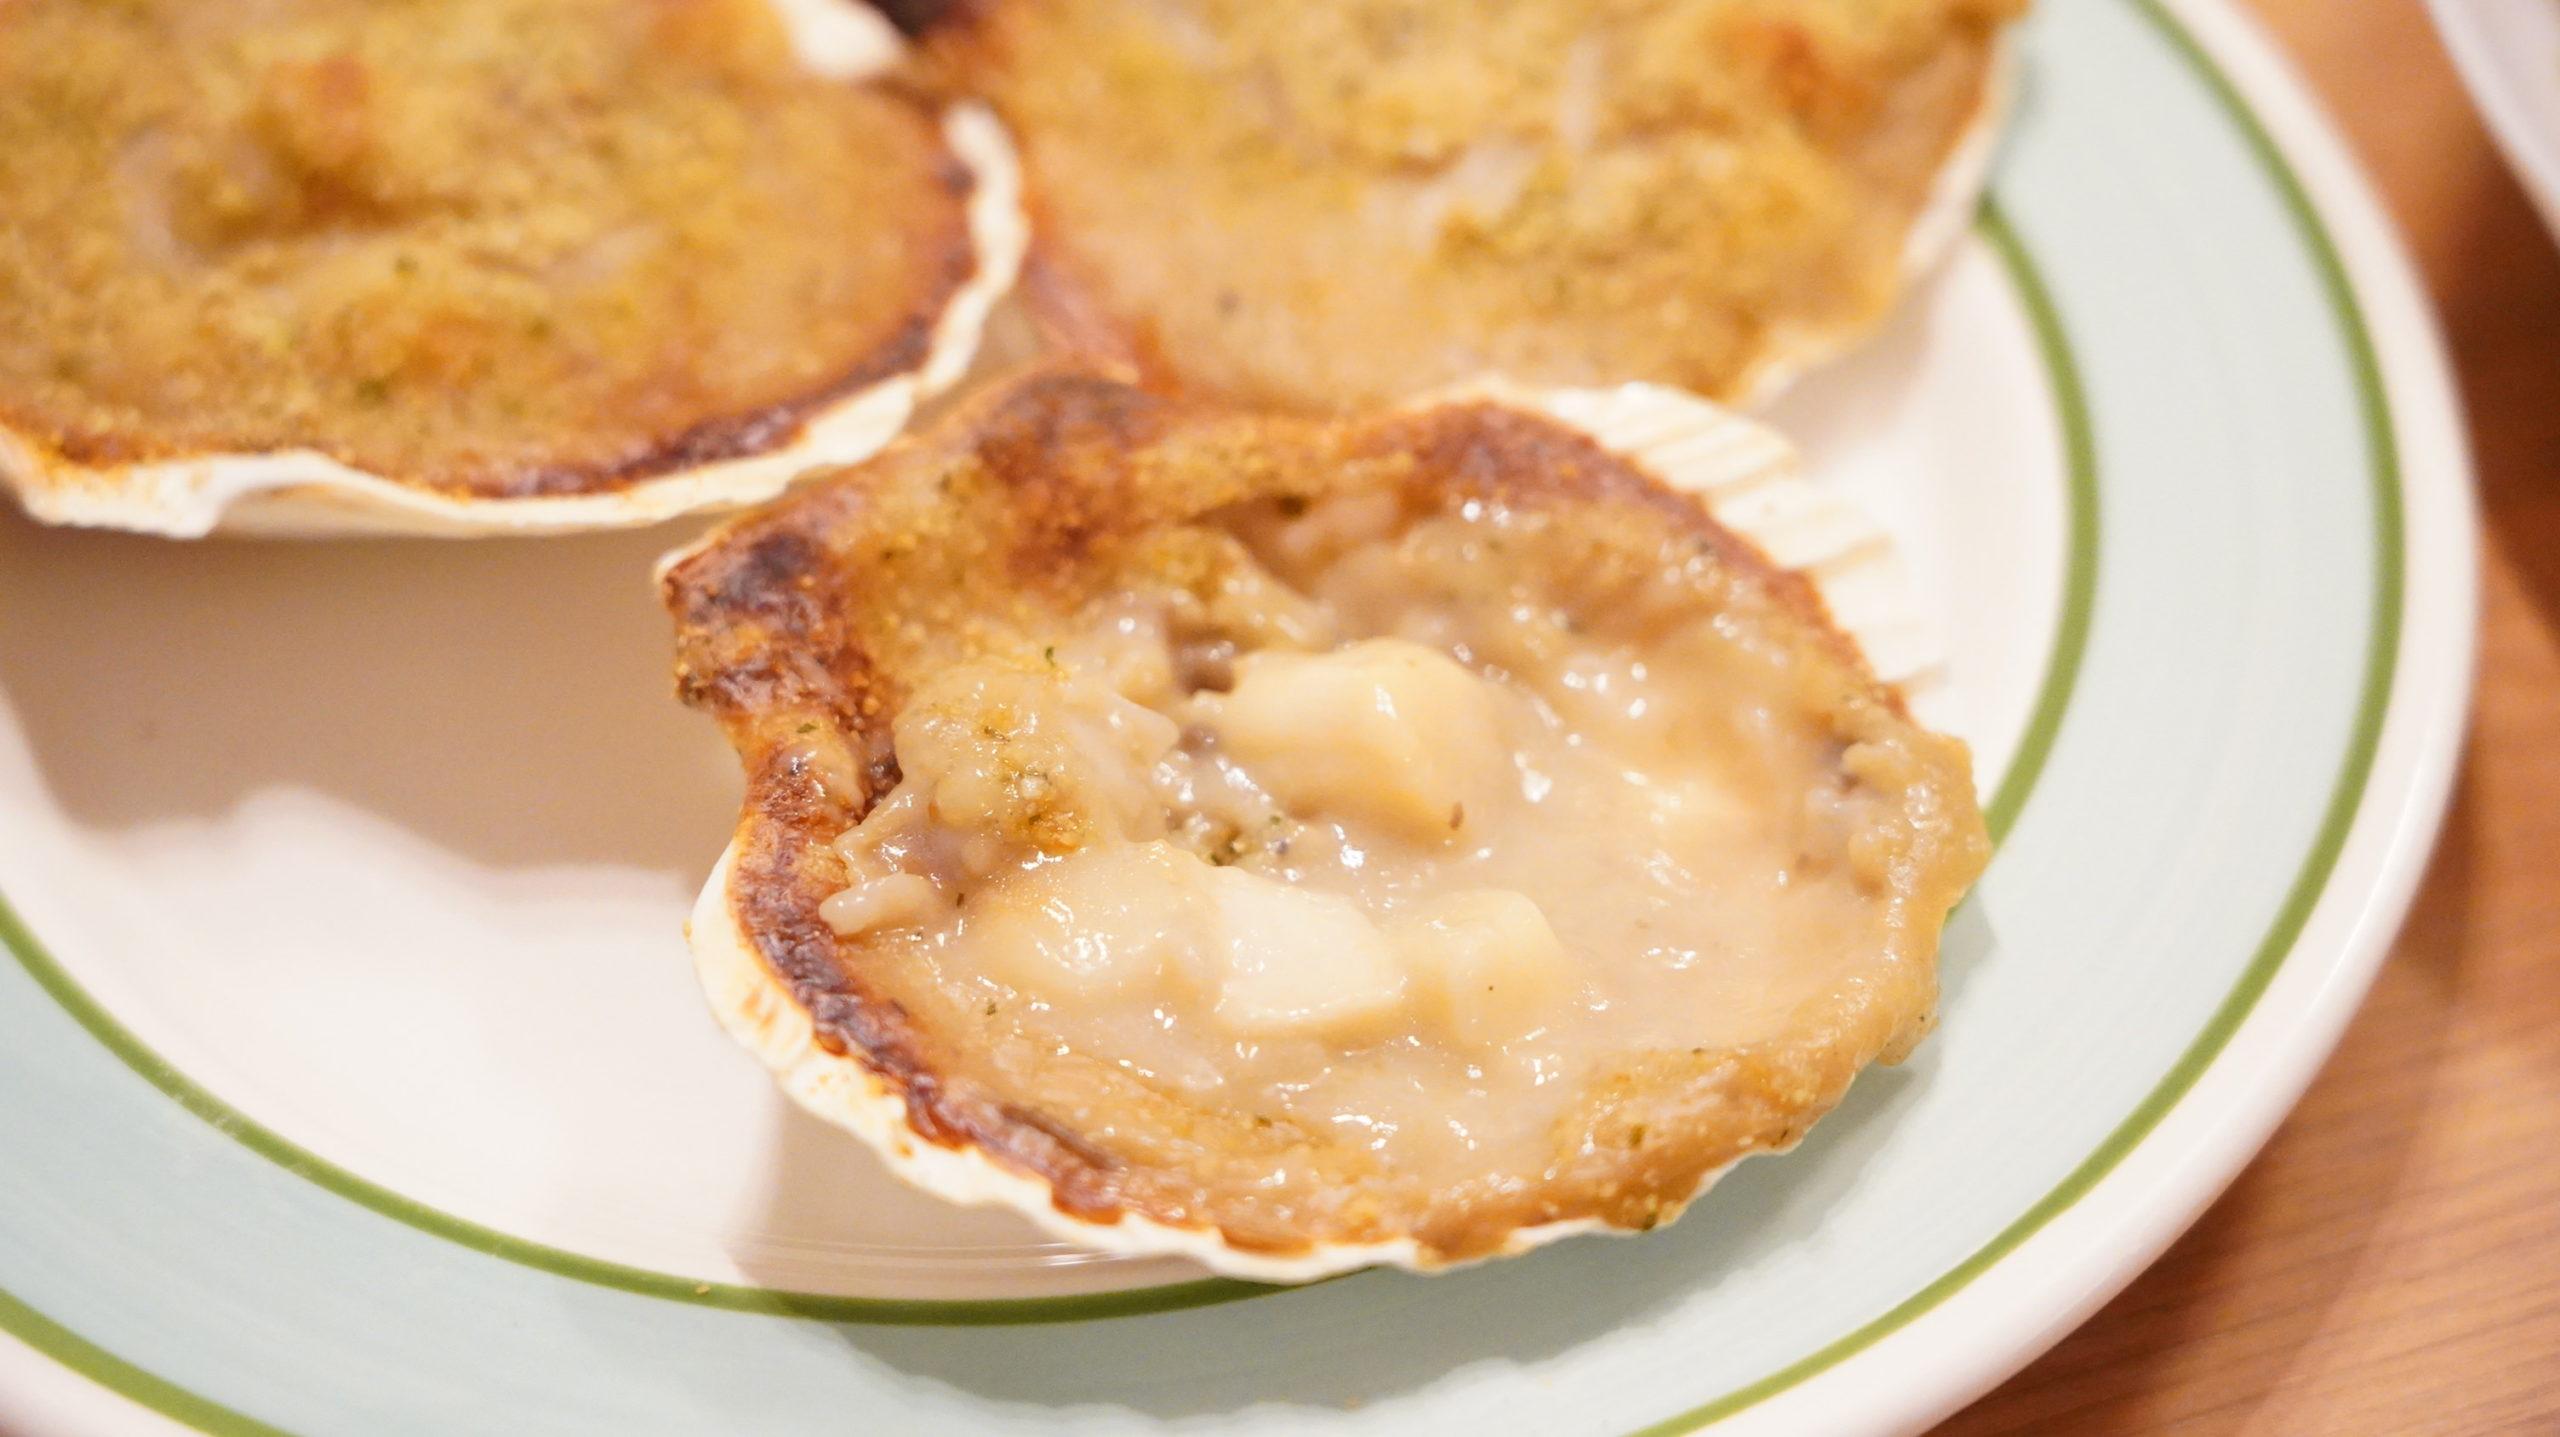 ピカールの冷凍食品「サンジャックのオーブン焼き・ノルマンディ―風」のクローズアップ写真